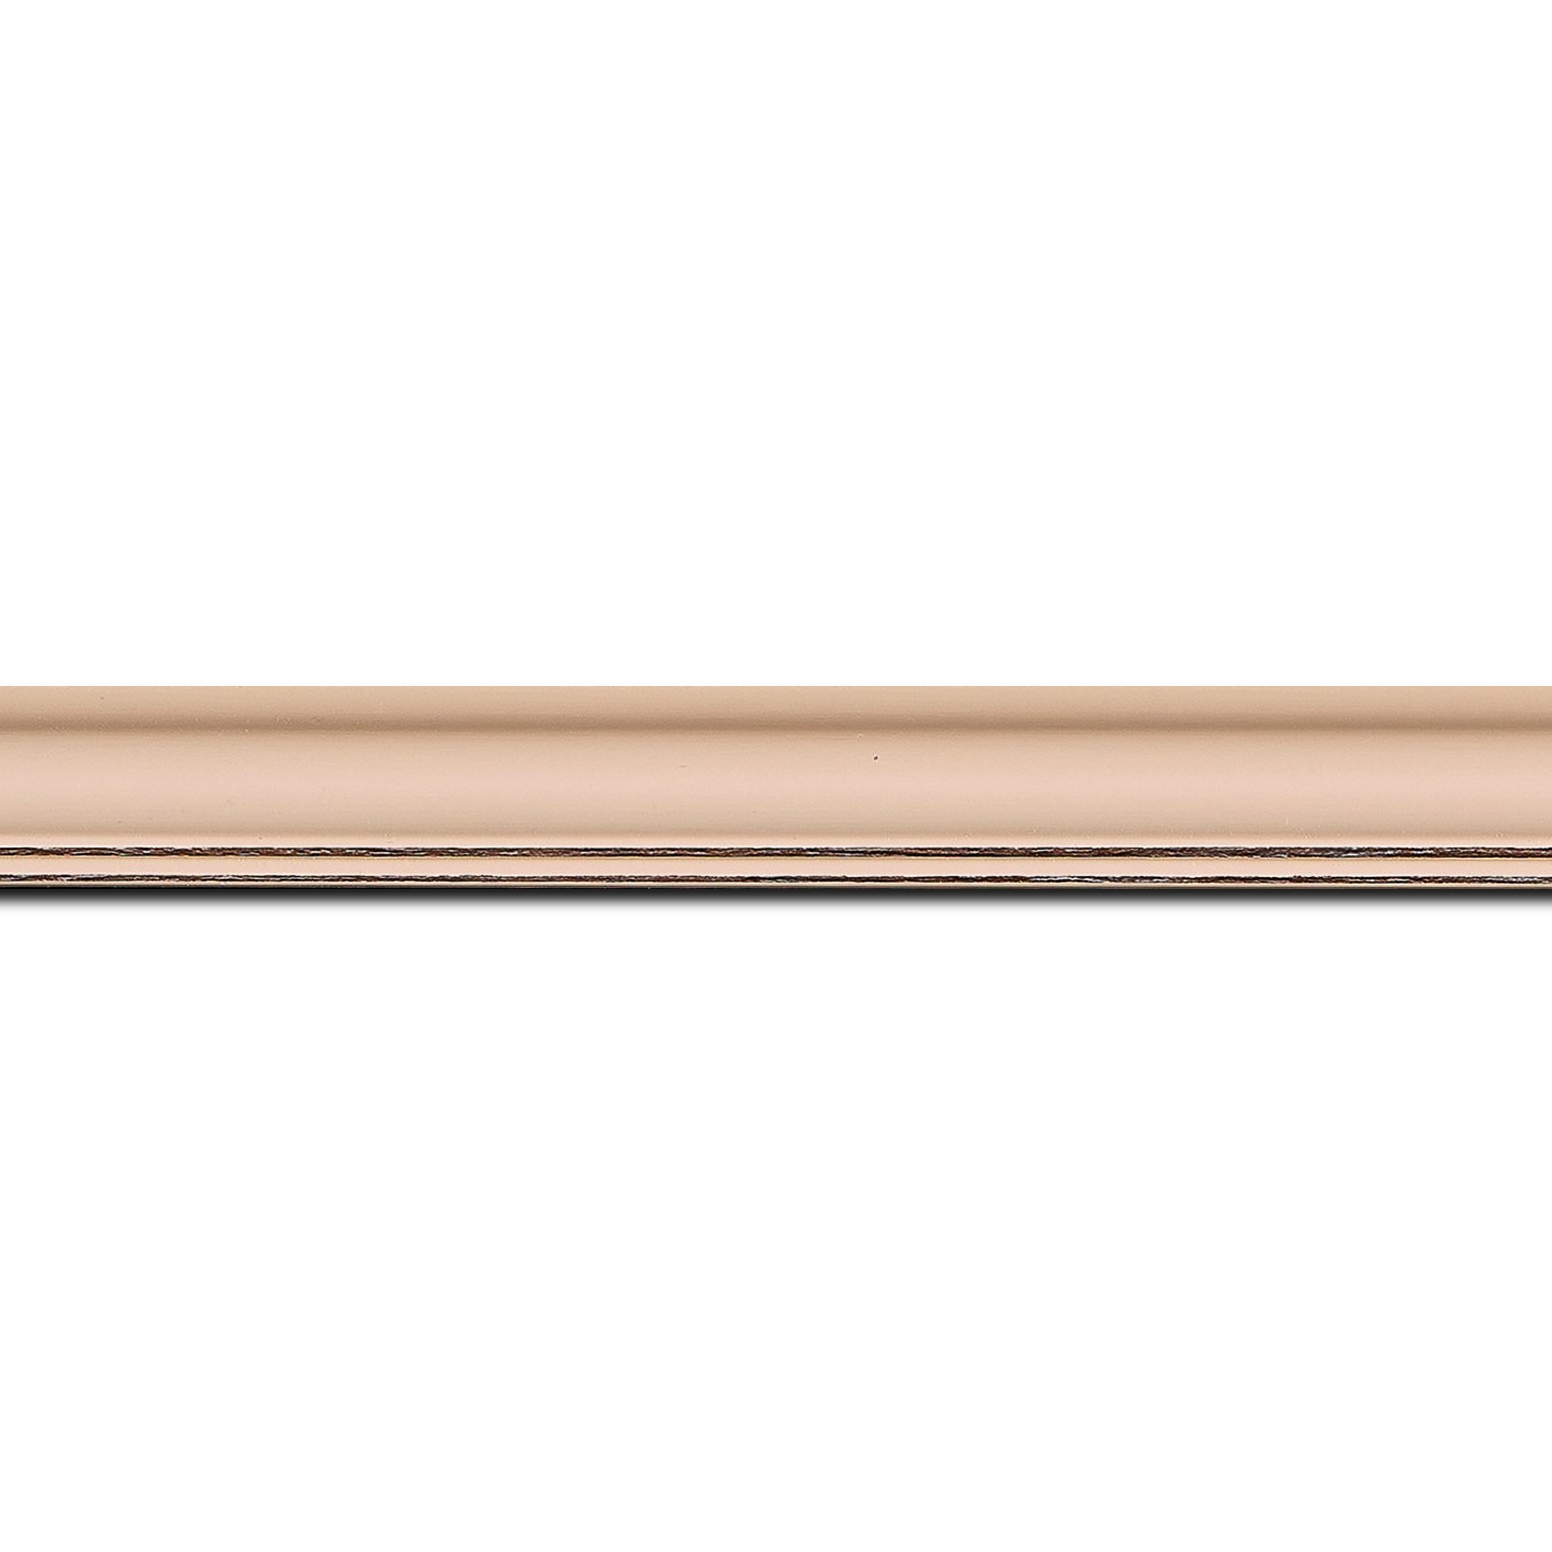 Pack par 12m, bois profil doucine inversée largeur 2.3cm rose tendre satiné bord ressuyé(longueur baguette pouvant varier entre 2.40m et 3m selon arrivage des bois)